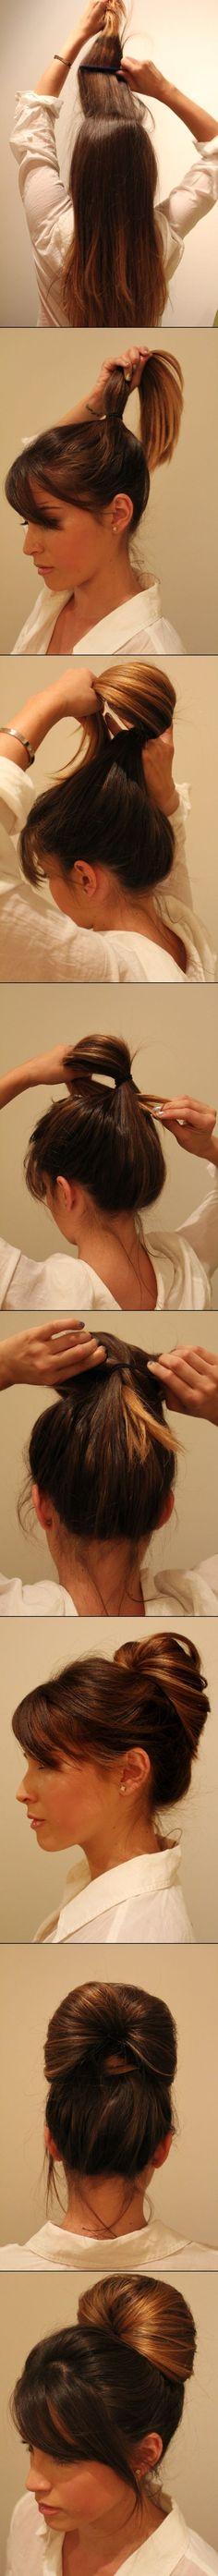 Work Hair nail, bun, makeup, hairstyl, beauti, hair style, pretti, updo, easi hair